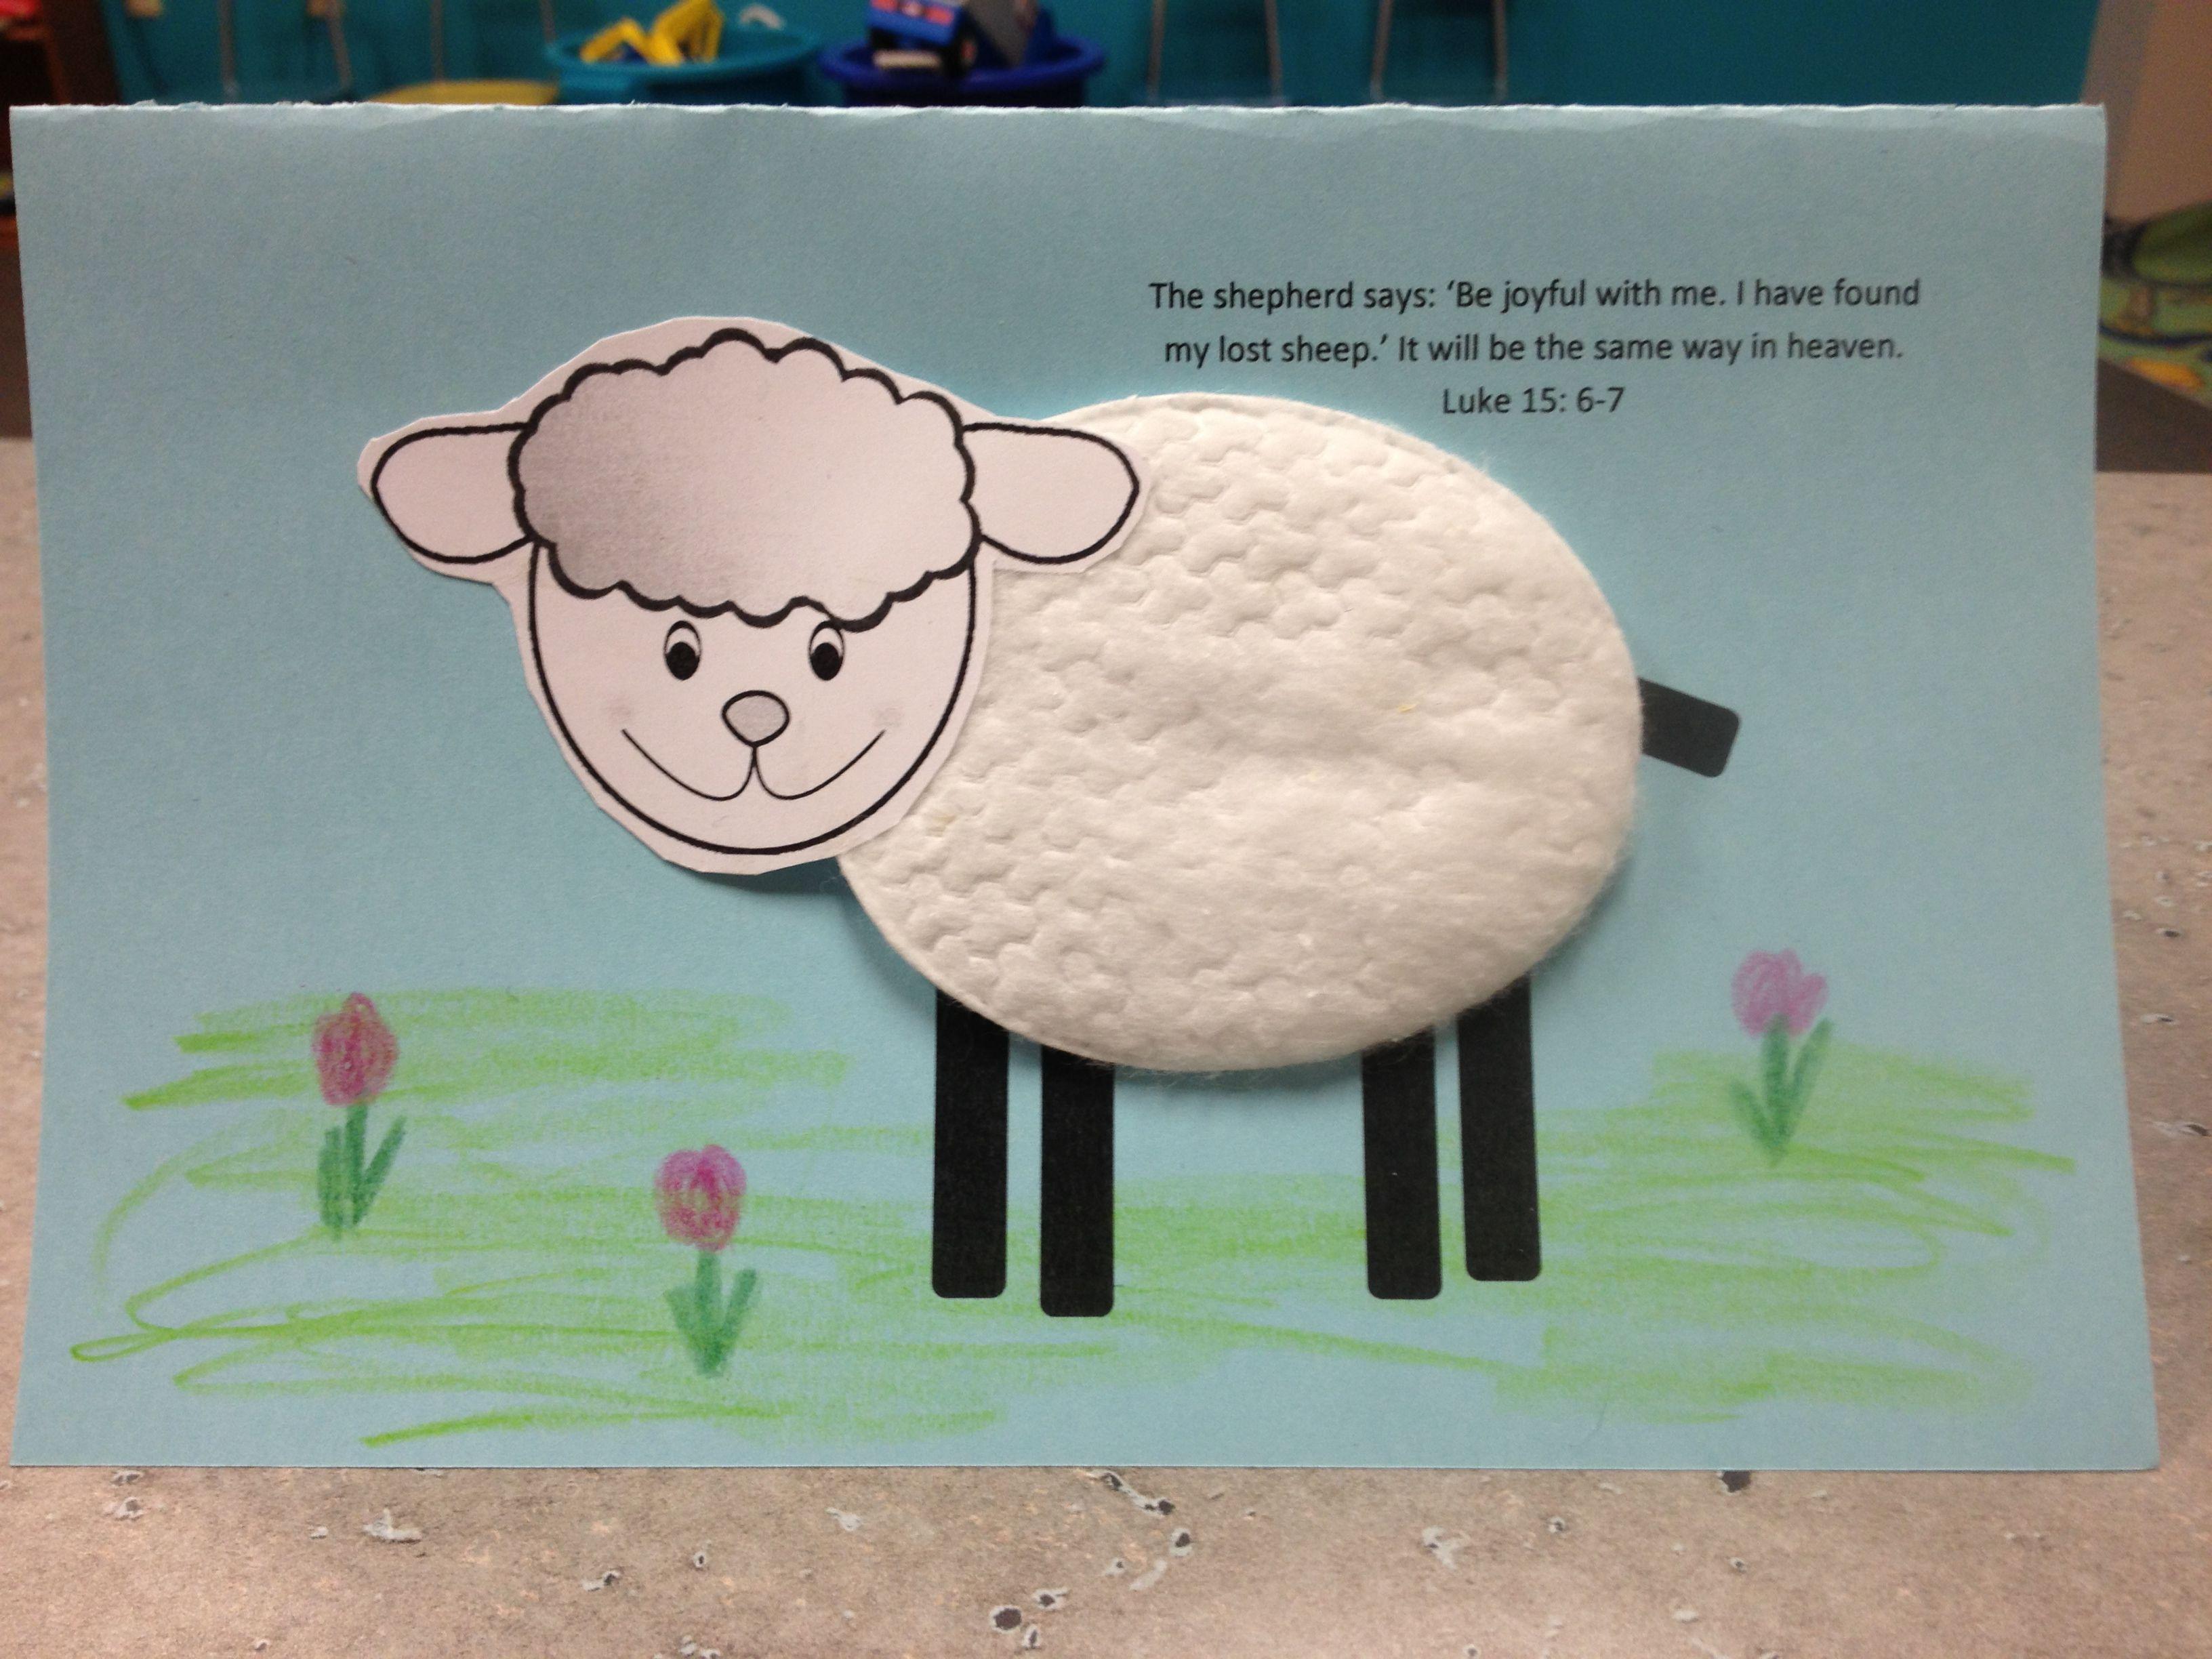 Bolsinha Ovelhinha Foamy T Sheep Crafts And Kids Church